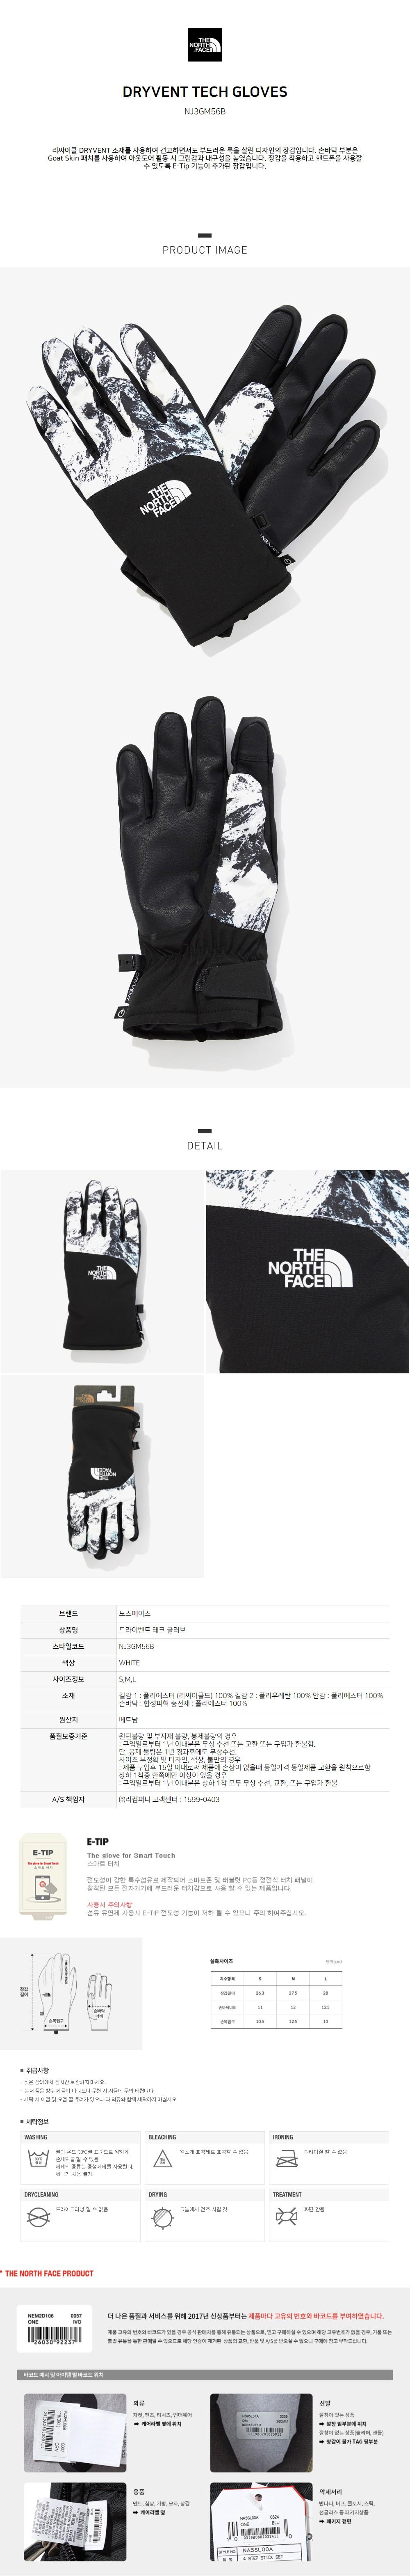 노스페이스(THE NORTH FACE) NJ3GM56B 드라이벤트 테크 글러브